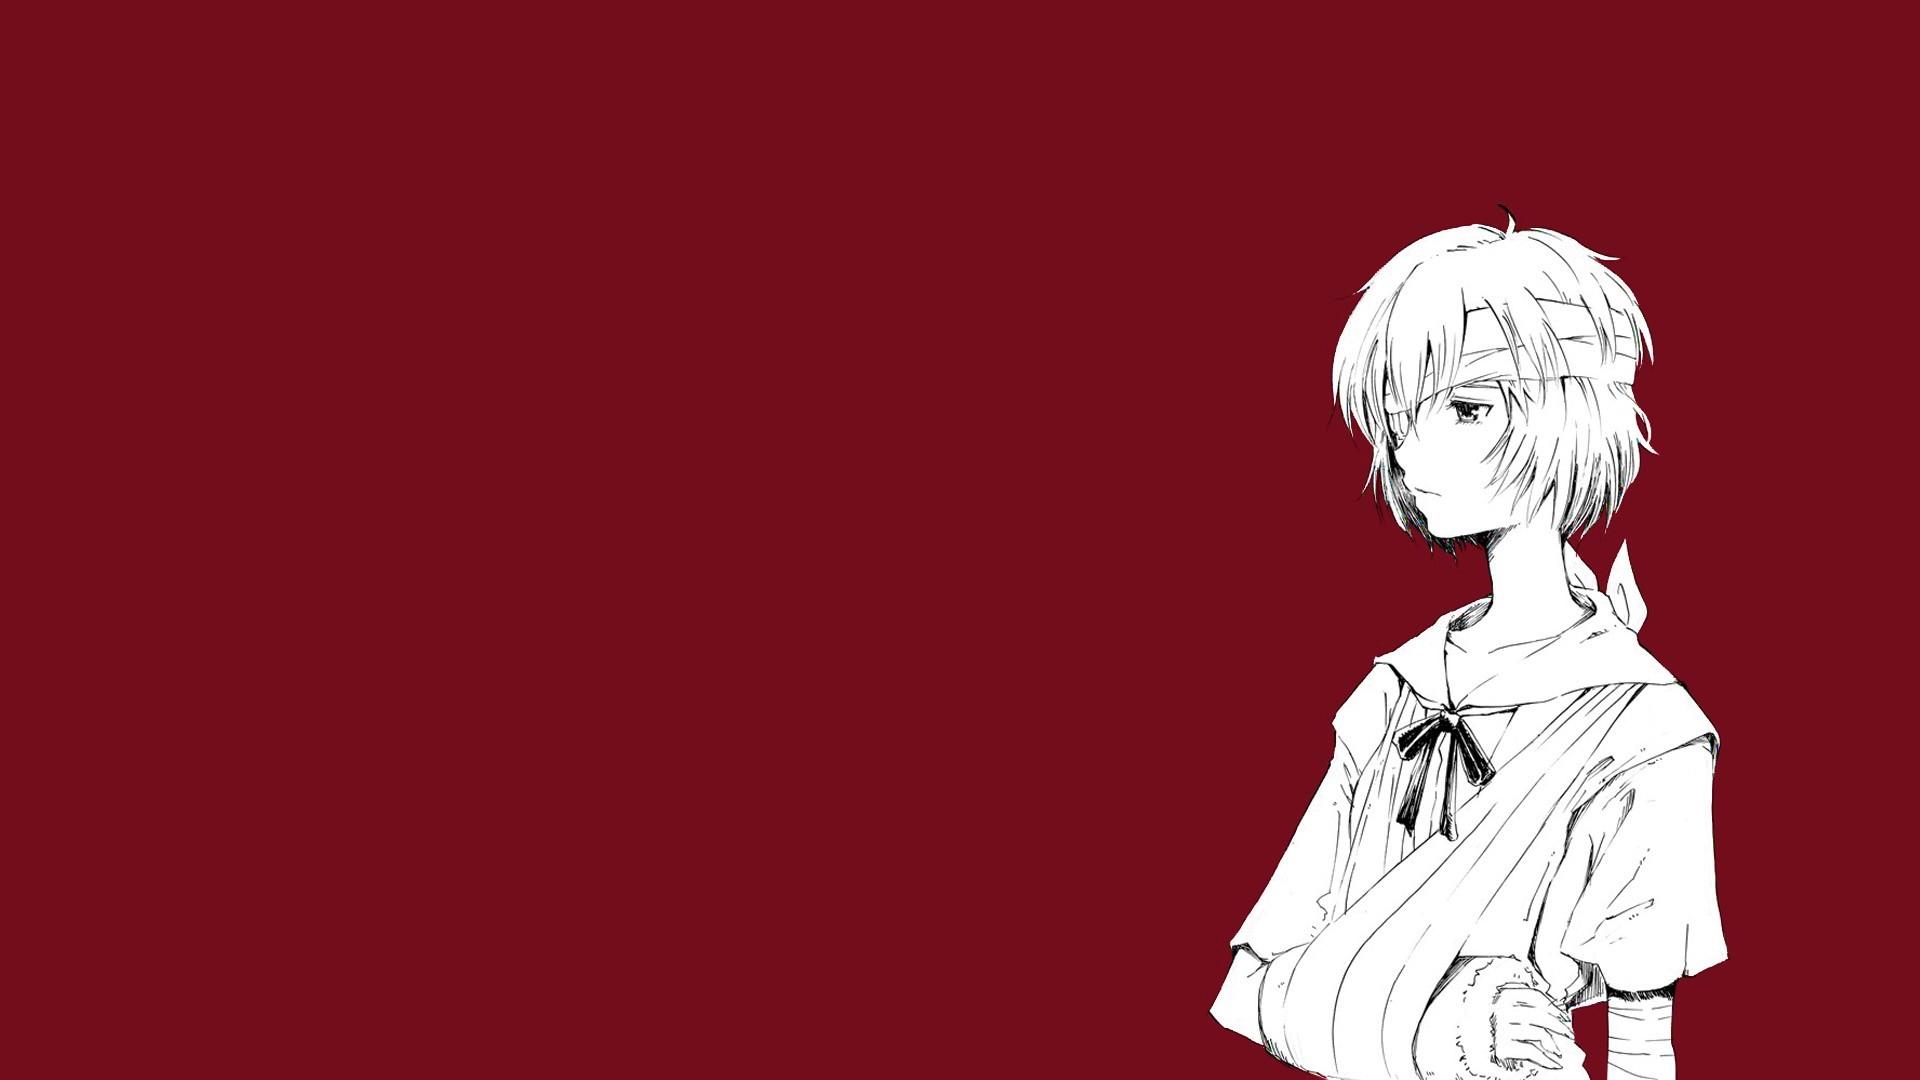 Evangelion Rei Wallpaper For Pc